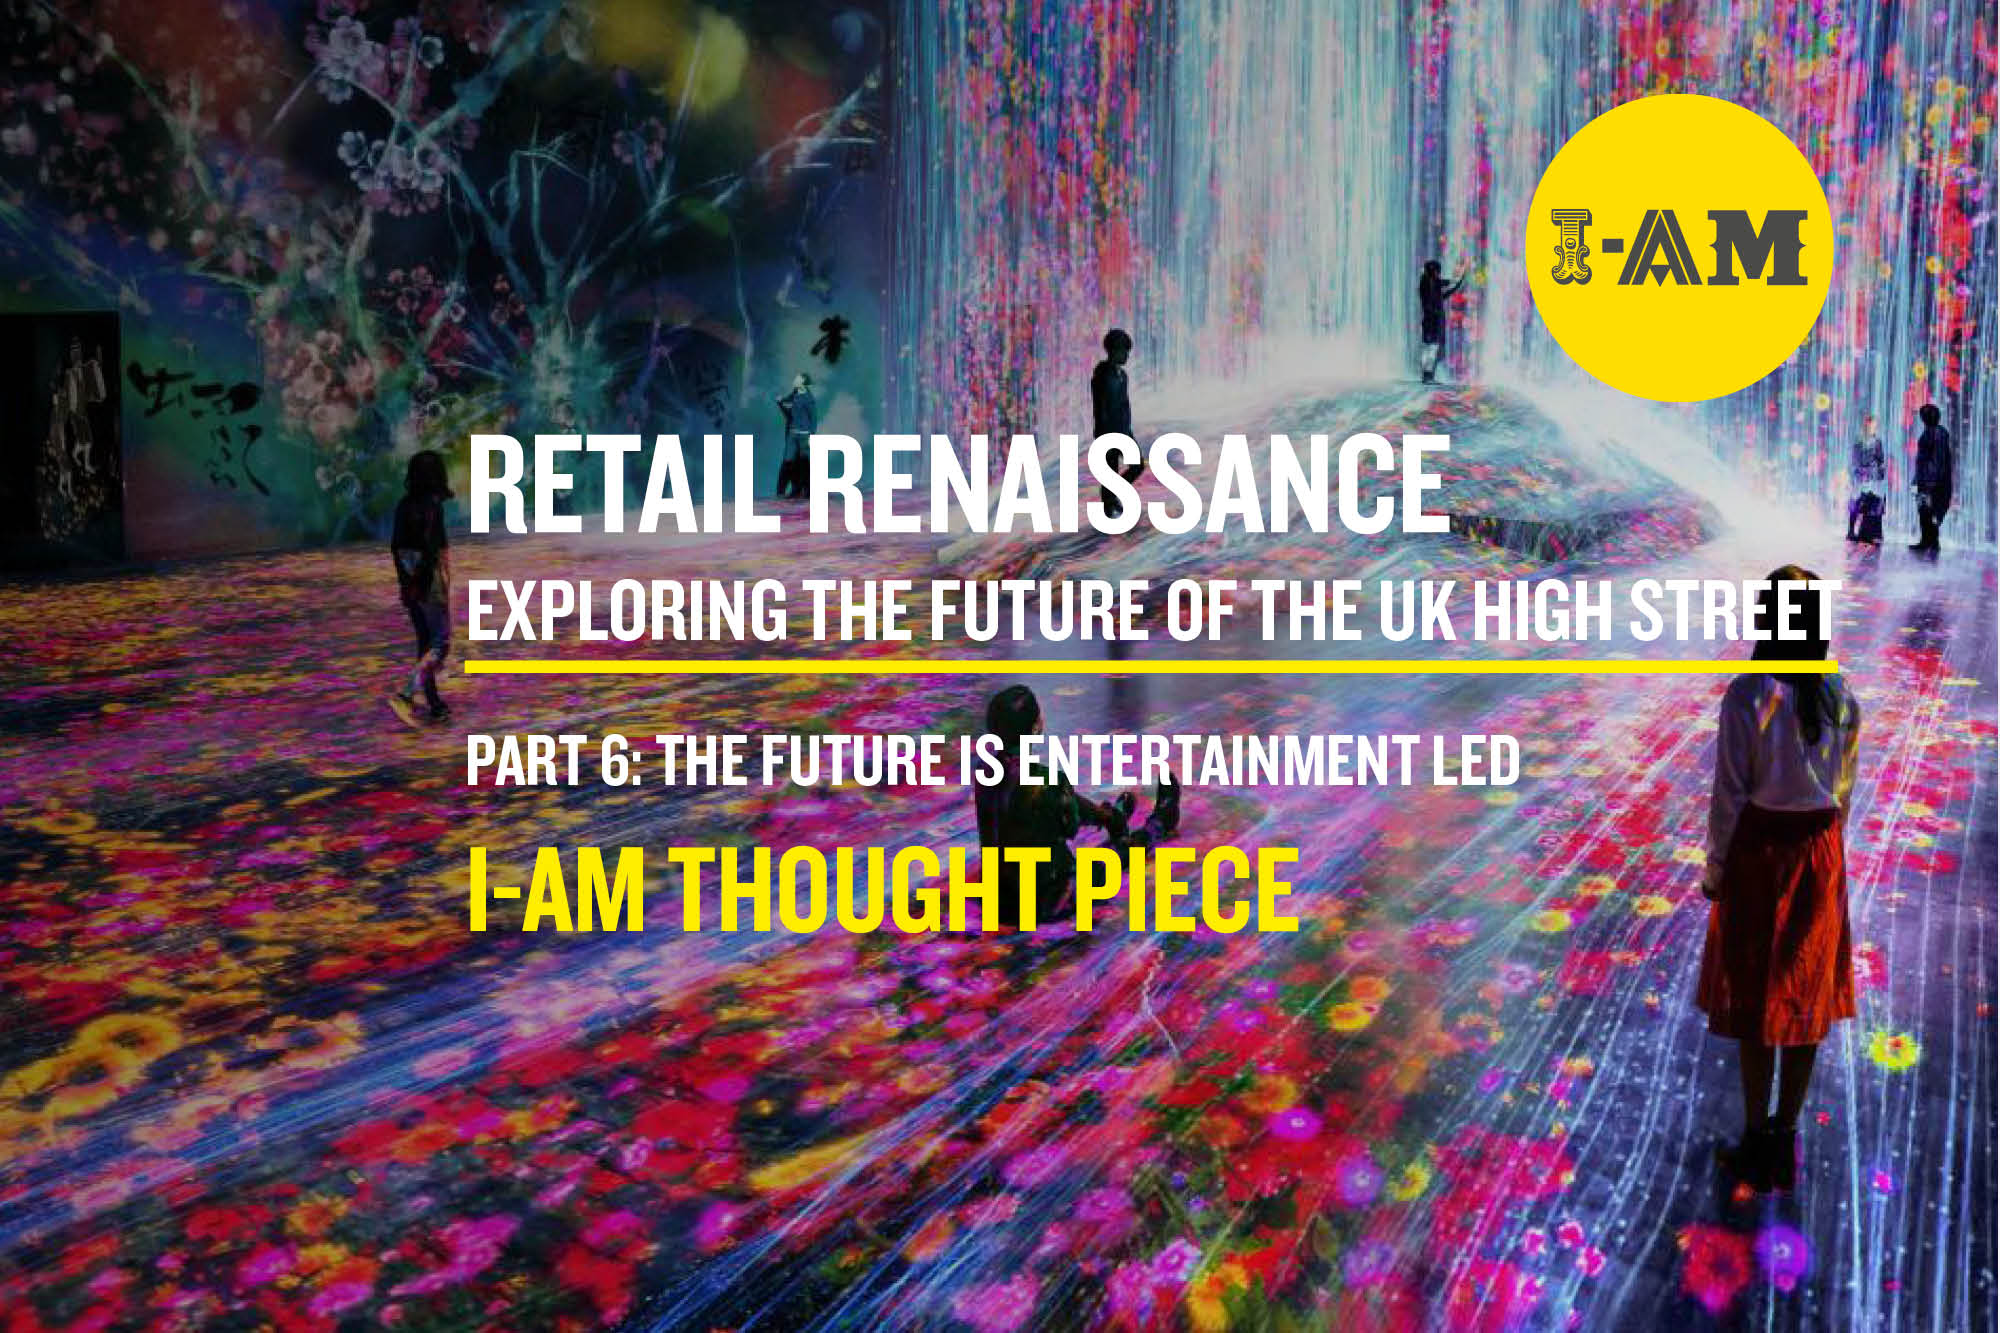 retail renaissance_FEATURED IMAGE PART 6_